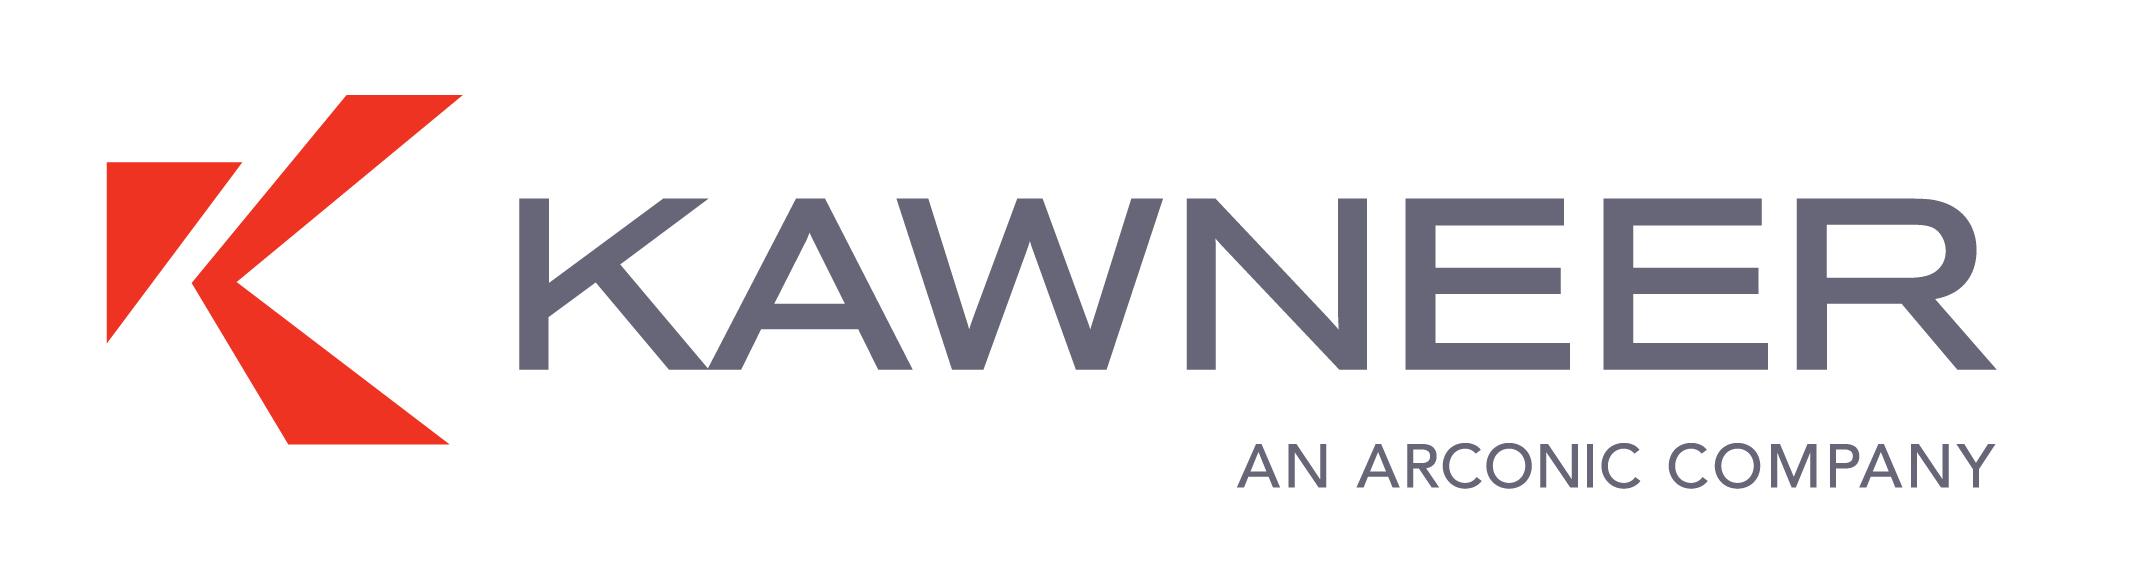 Kawneer Bdc University